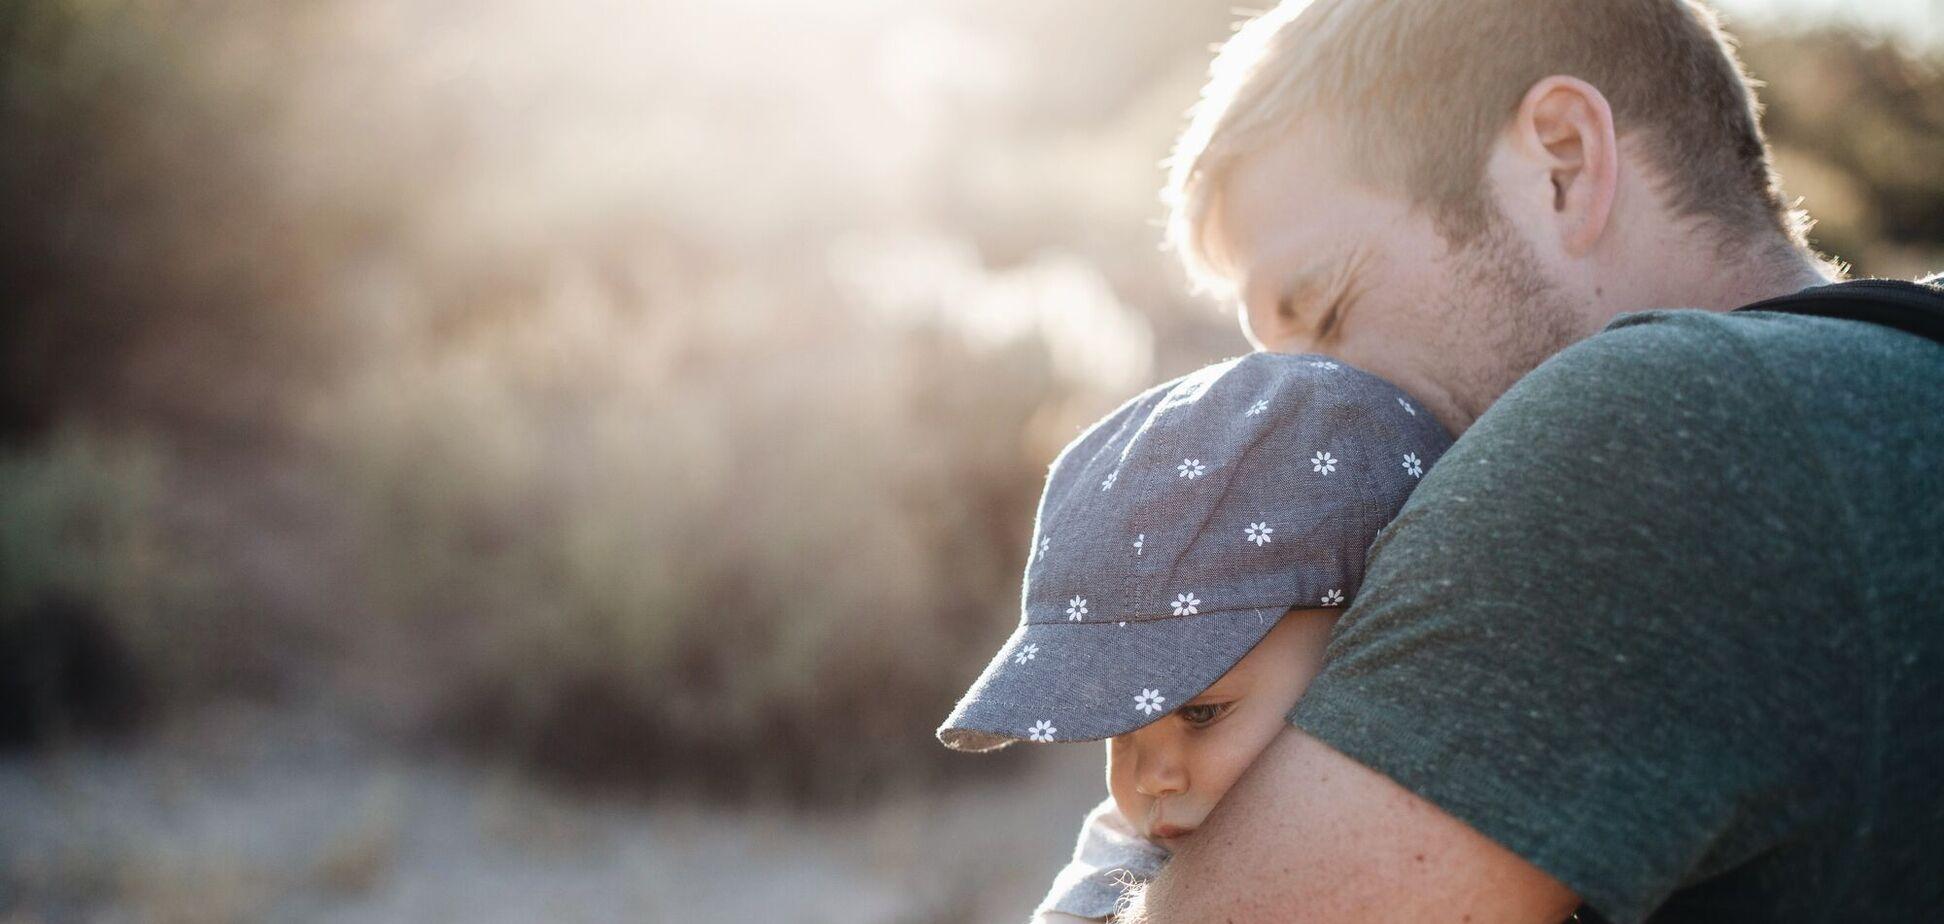 Чоловіків з невеликою зайвою вагою люди більш схильні вважати хорошими батьками